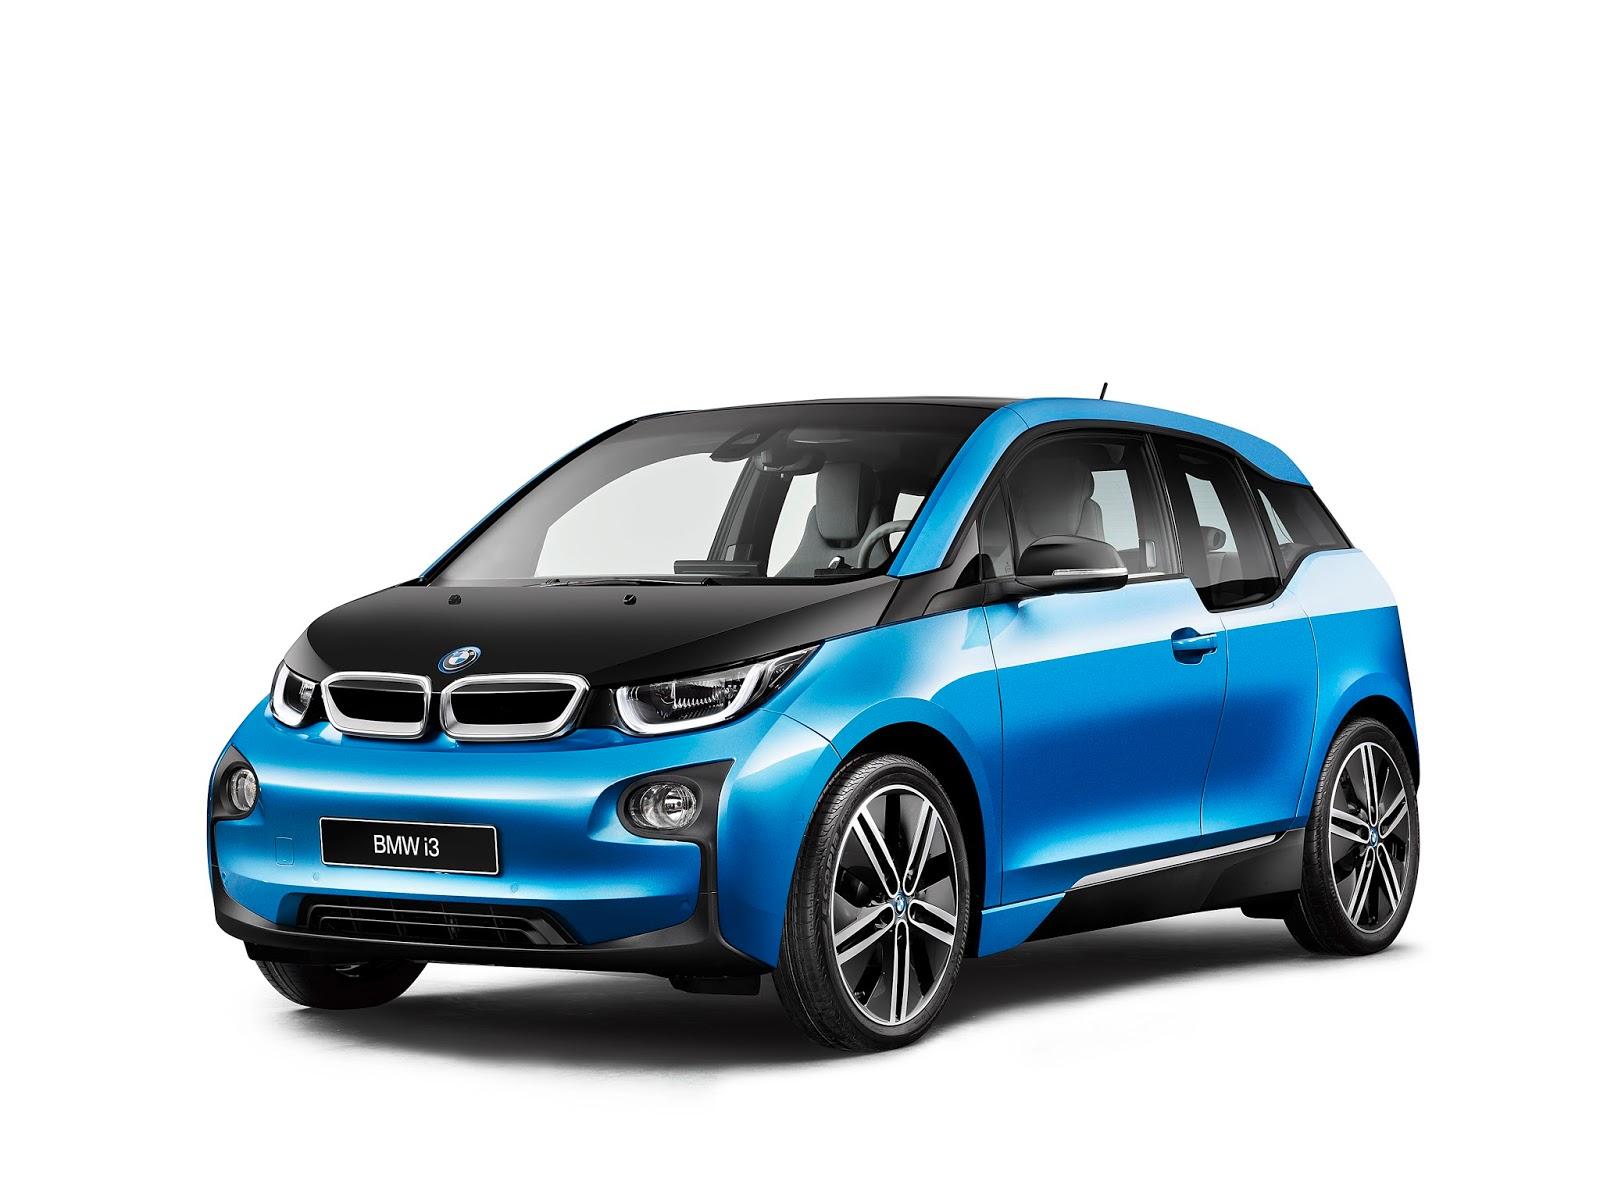 P90216947 highRes bmw i3 94ah 05 2016 1 Μεγαλύτερη αυτονομία για το i3 της BMW BMW, BMW i, BMW i3, car, Electric cars